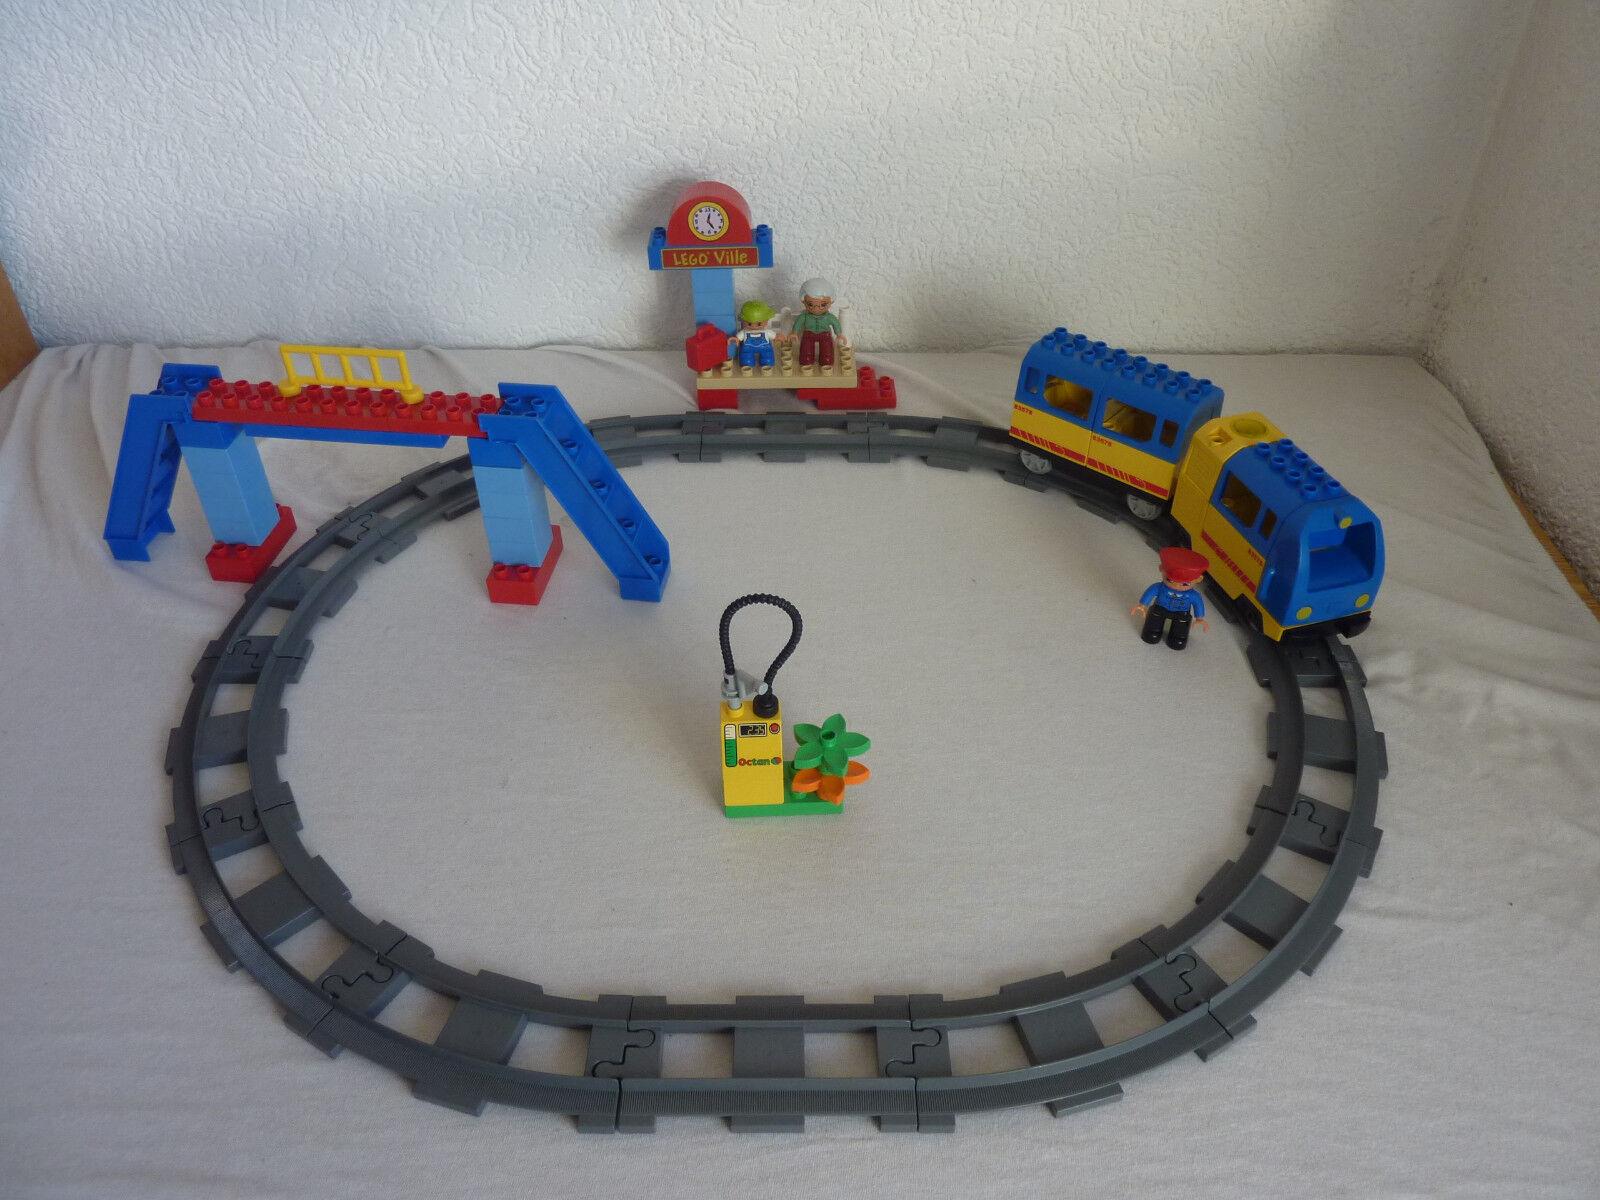 LEGO DUPLO VILLE  Ferrovia-estrellater Set 5608-e-Lok, STAZIONE FERROVIARIA-completamente & Top  controlla il più economico